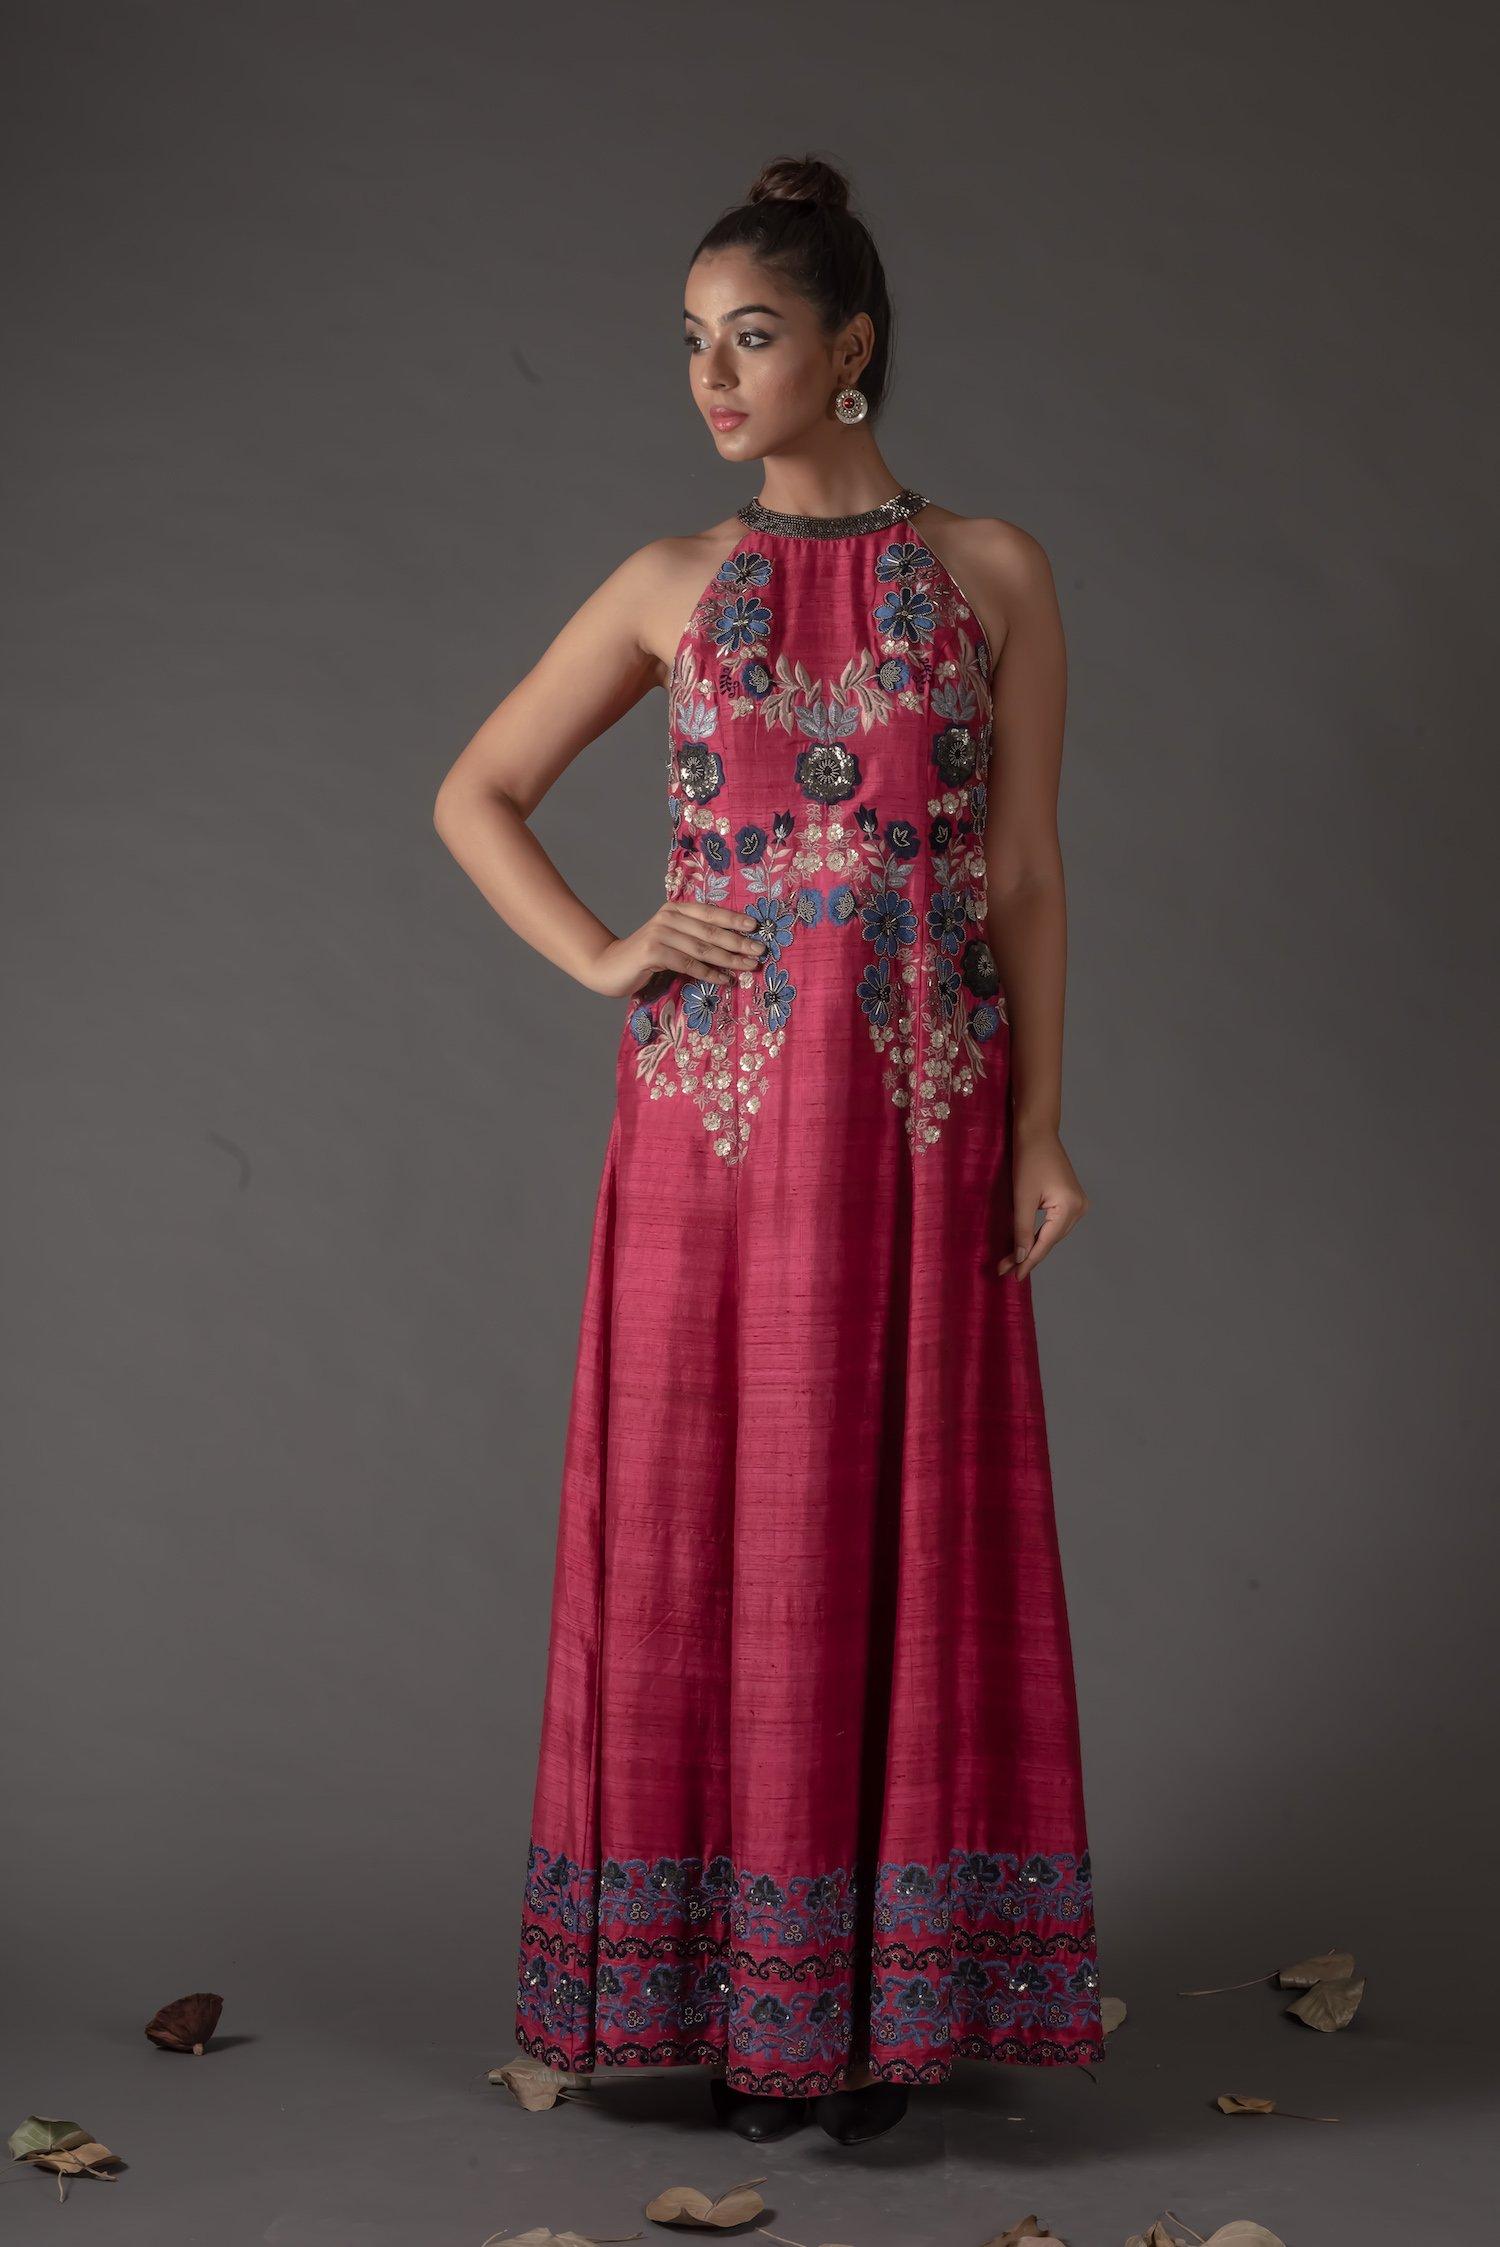 Plum Halter Neckline Embroidered Dress |